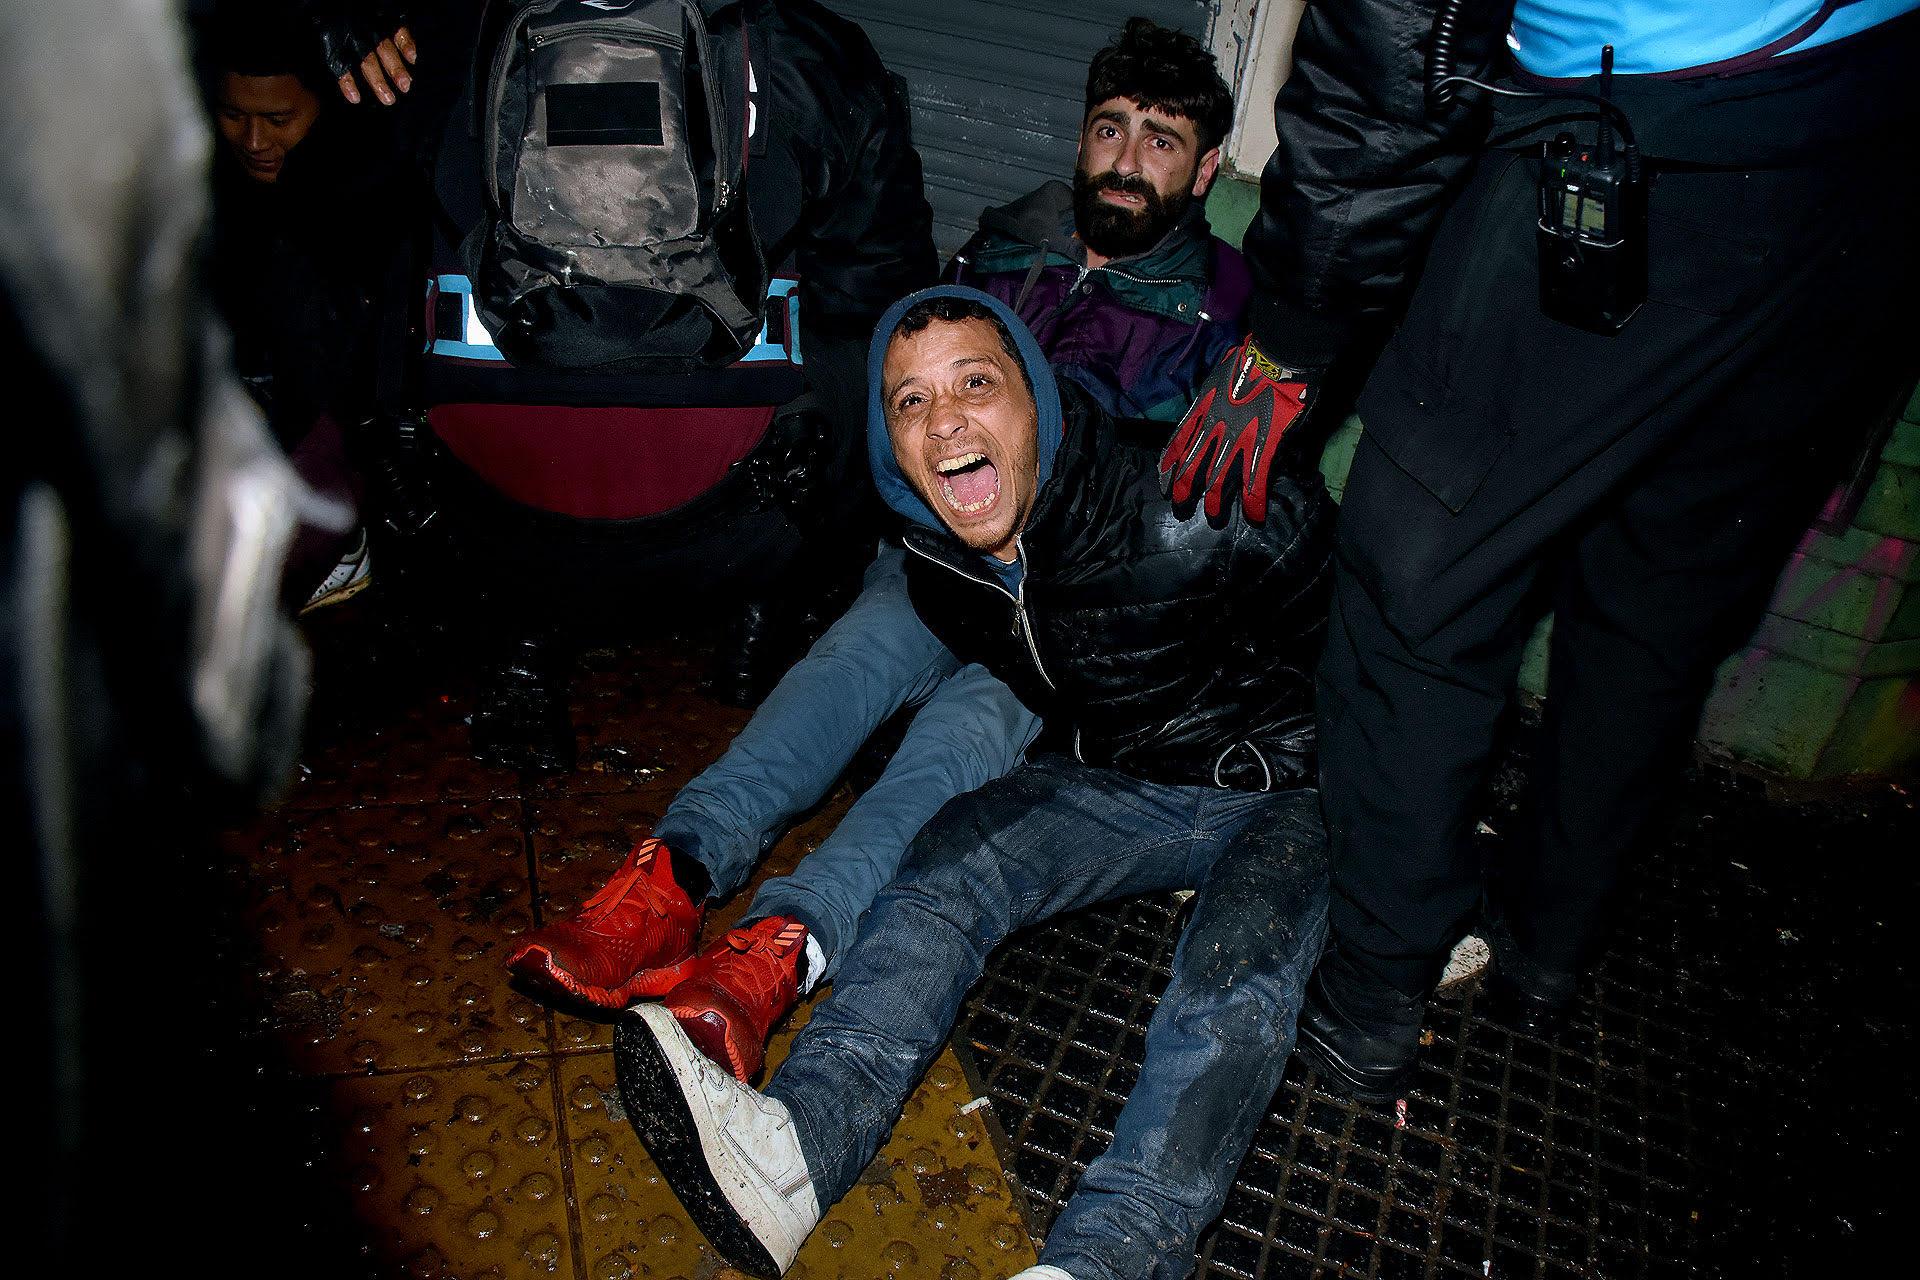 Detenidos al finalizar la vigilia en las afueras del Congreso durante el tratamiento de la despenalización del aborto en el Senado (Nicolás Stulberg)